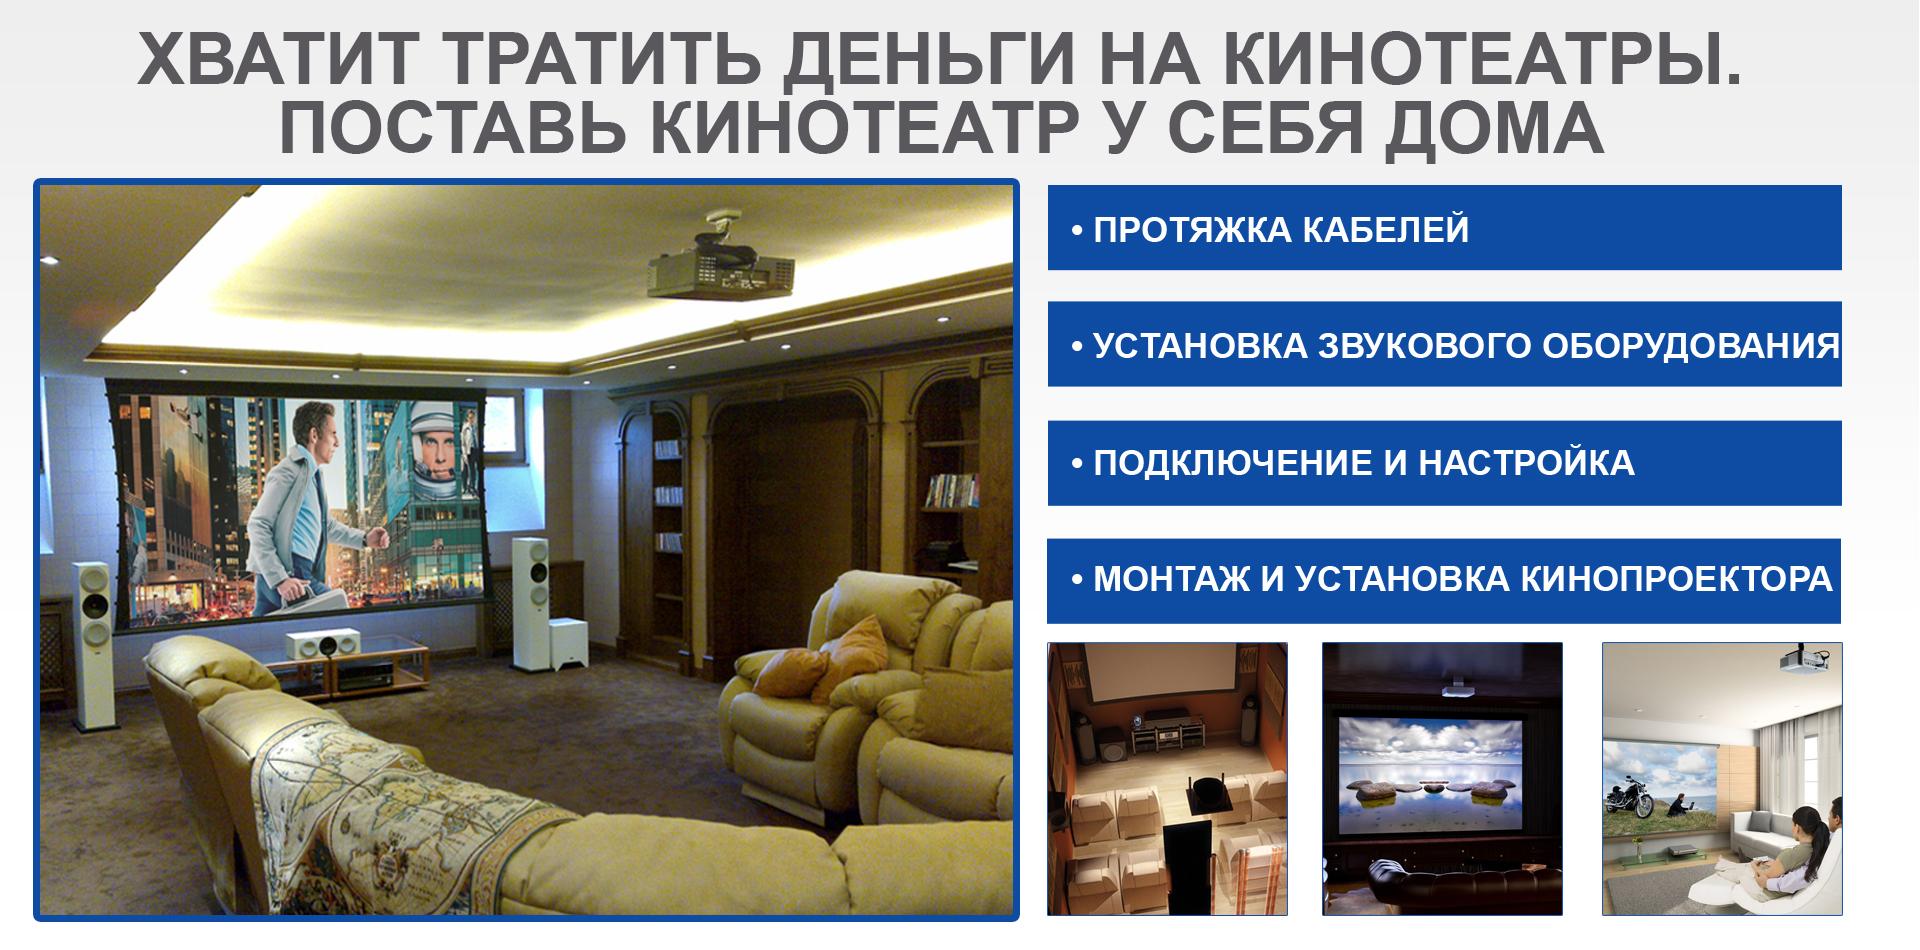 УСТАНОВКА ДОМАШНЕГО КИНОТЕАТРА В АСТАНЕ.